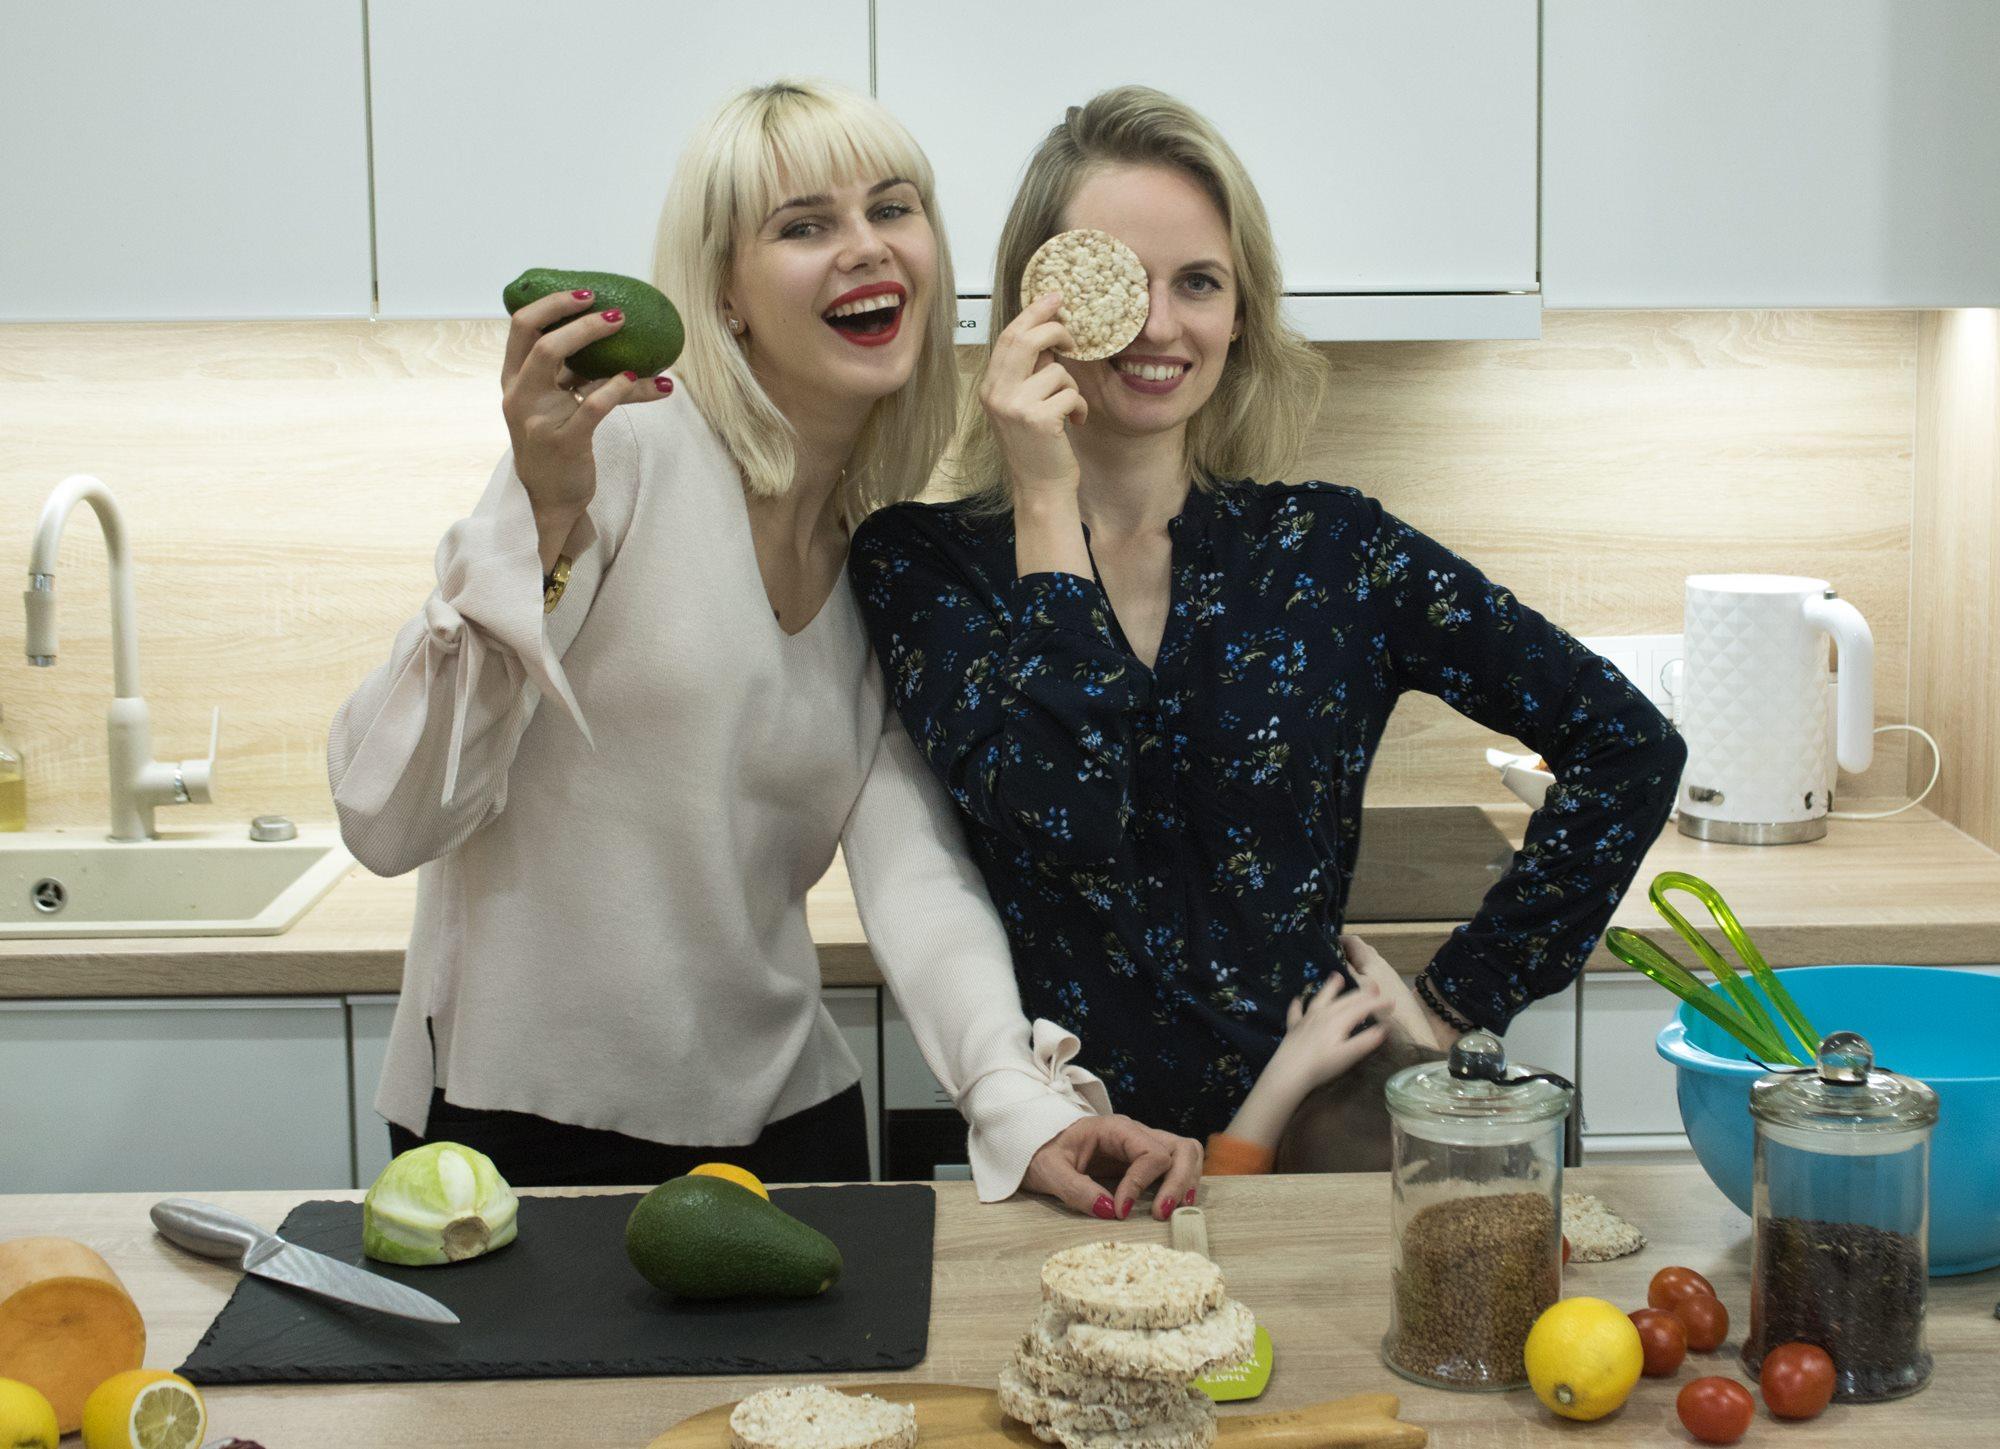 Mitybos specialistė Kristina: nepainiokime švenčių su maistu ir gėrimais nukrautu stalu   sveikuoliai.lt nuotr.